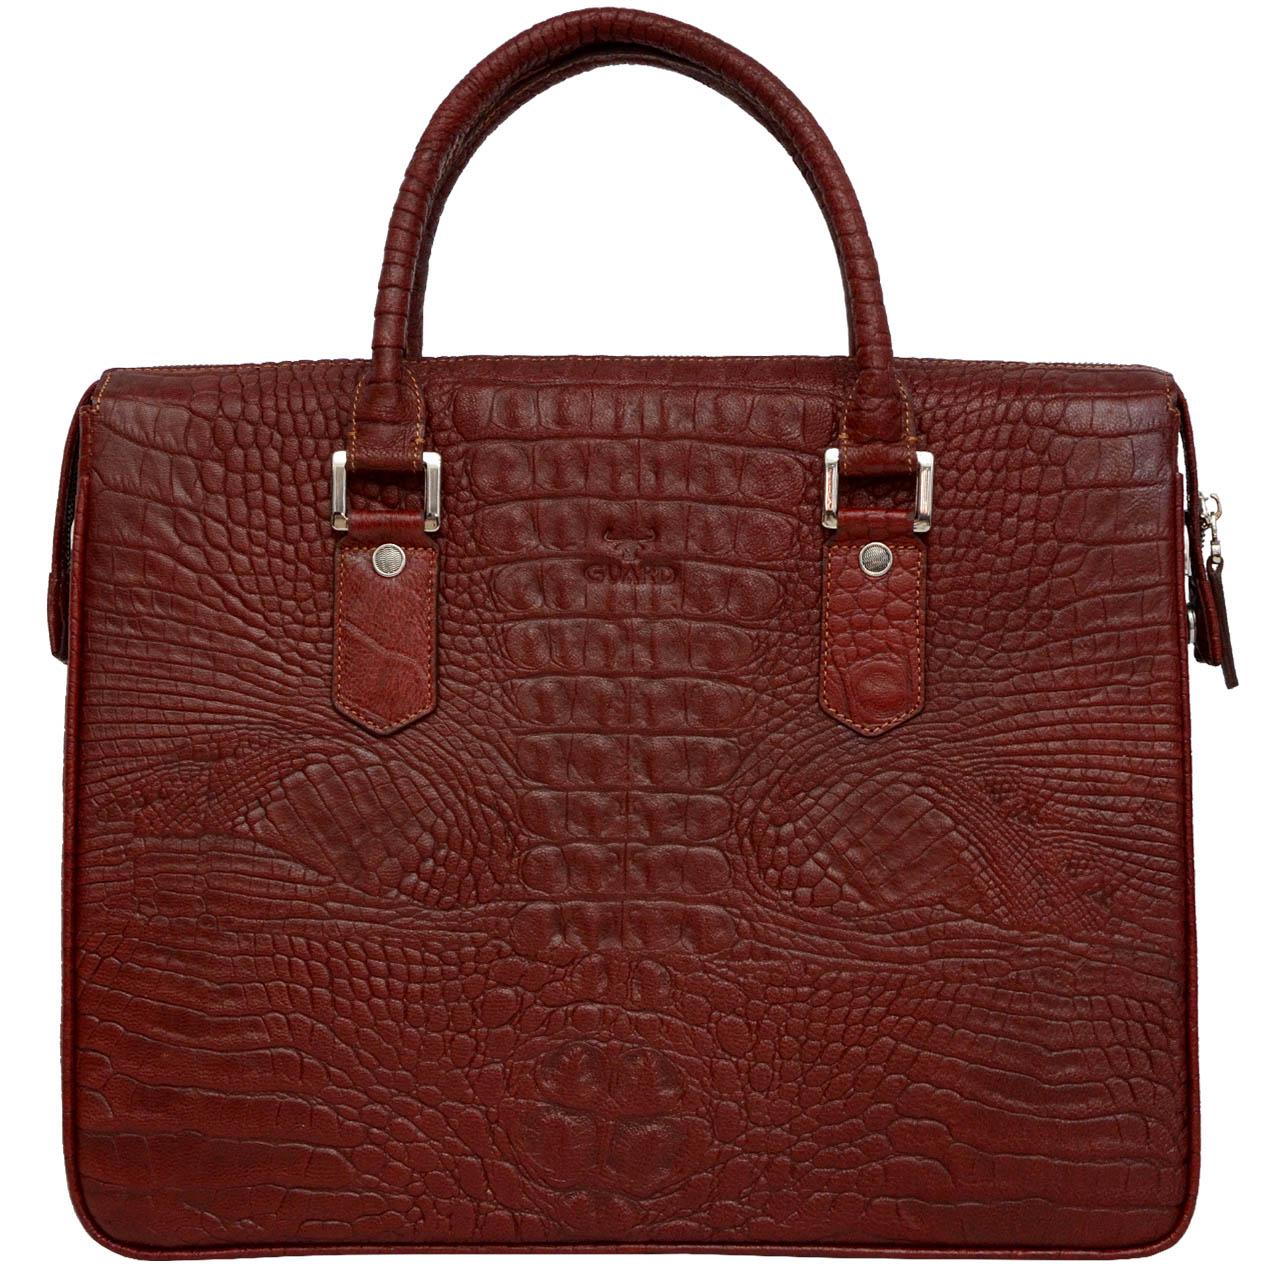 کیف دستی زنانه گارد مدل 1000026 CR